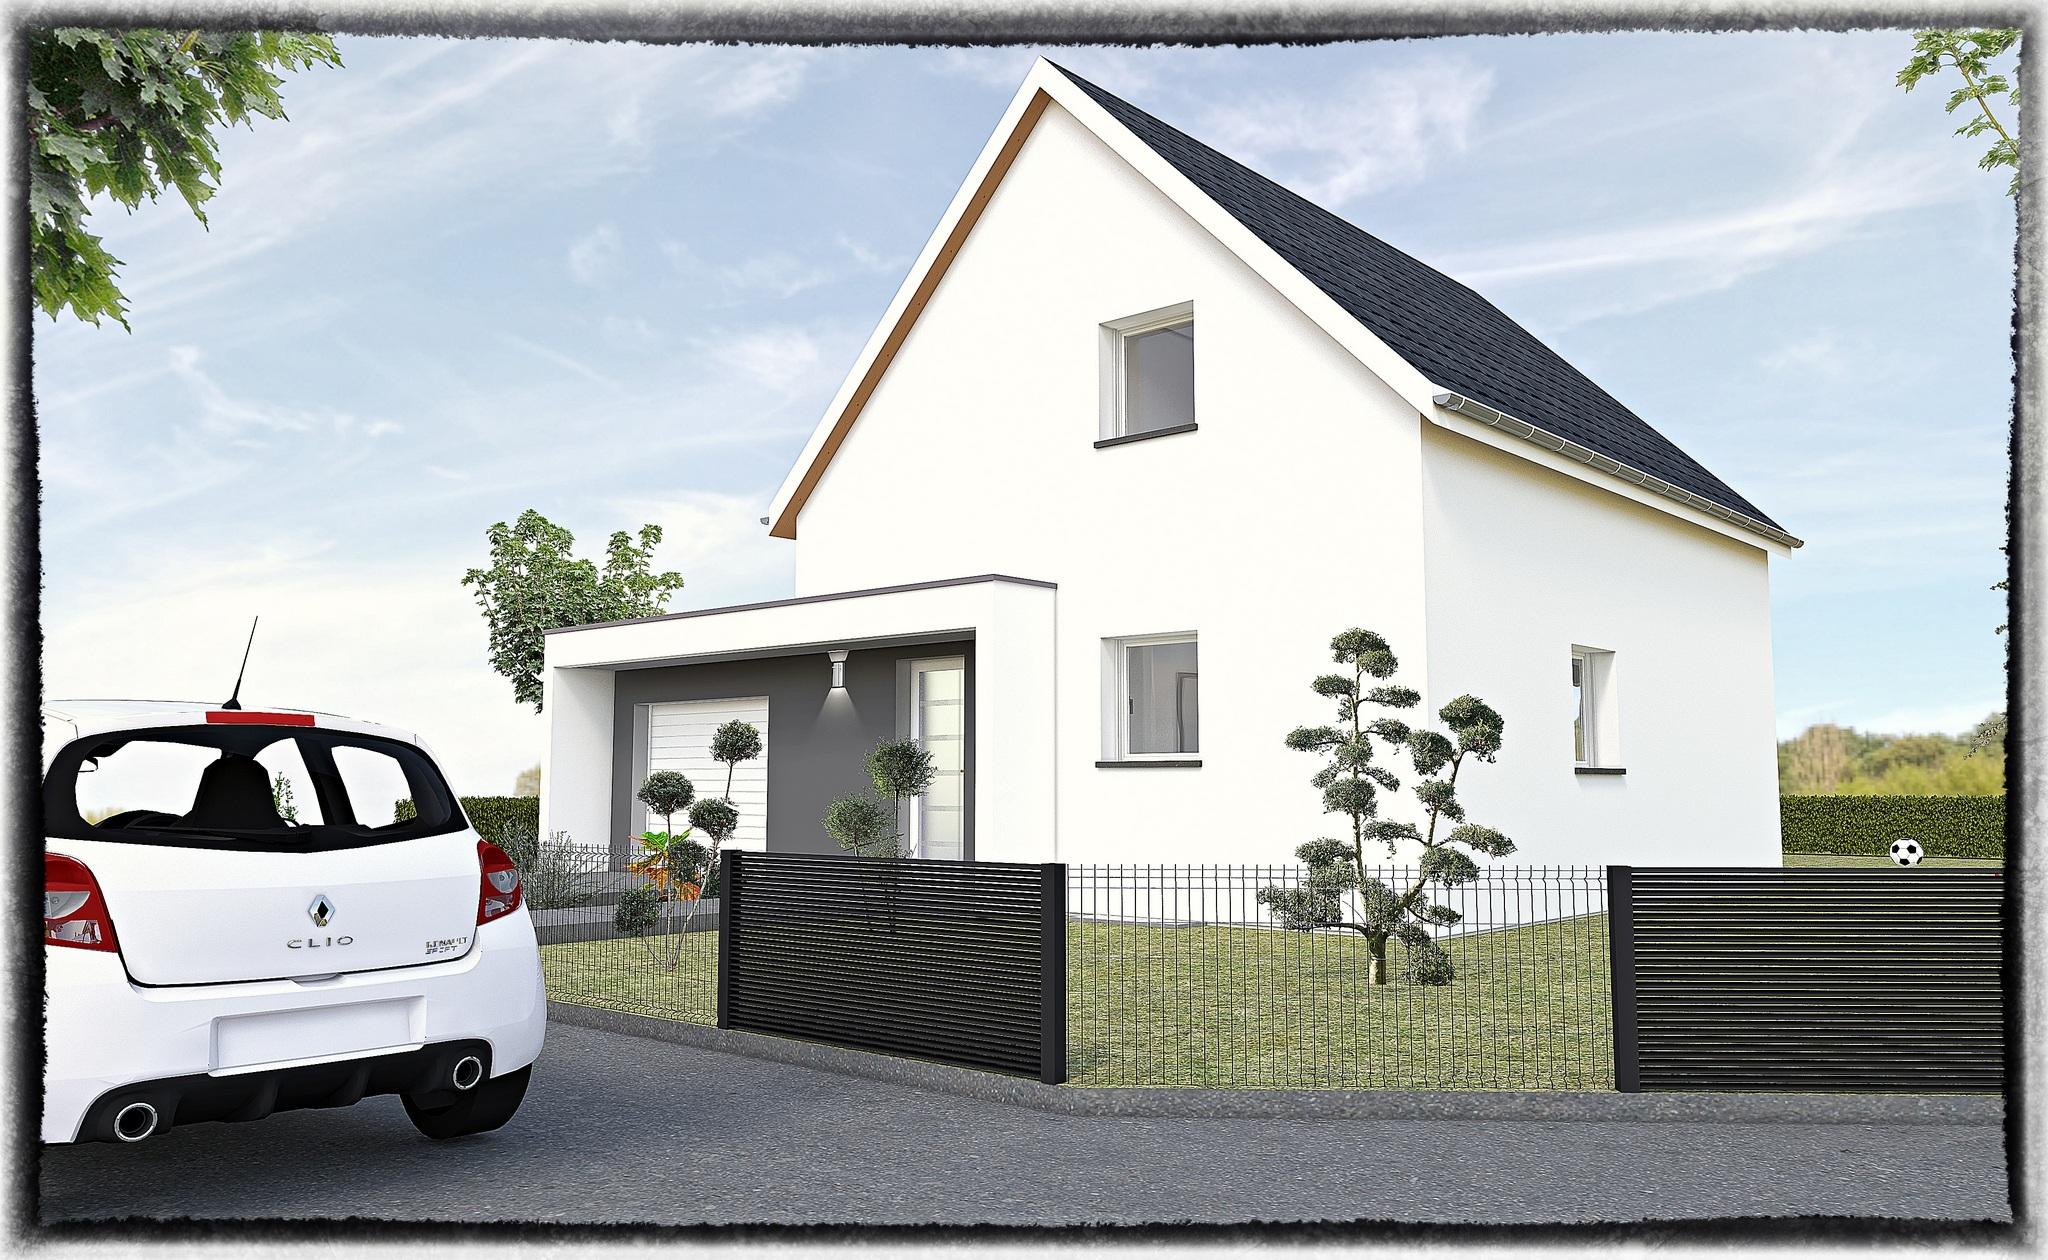 Maisons + Terrains du constructeur MAISONS CRISALIS • 100 m² • SAINT GERMAIN LE CHATELET